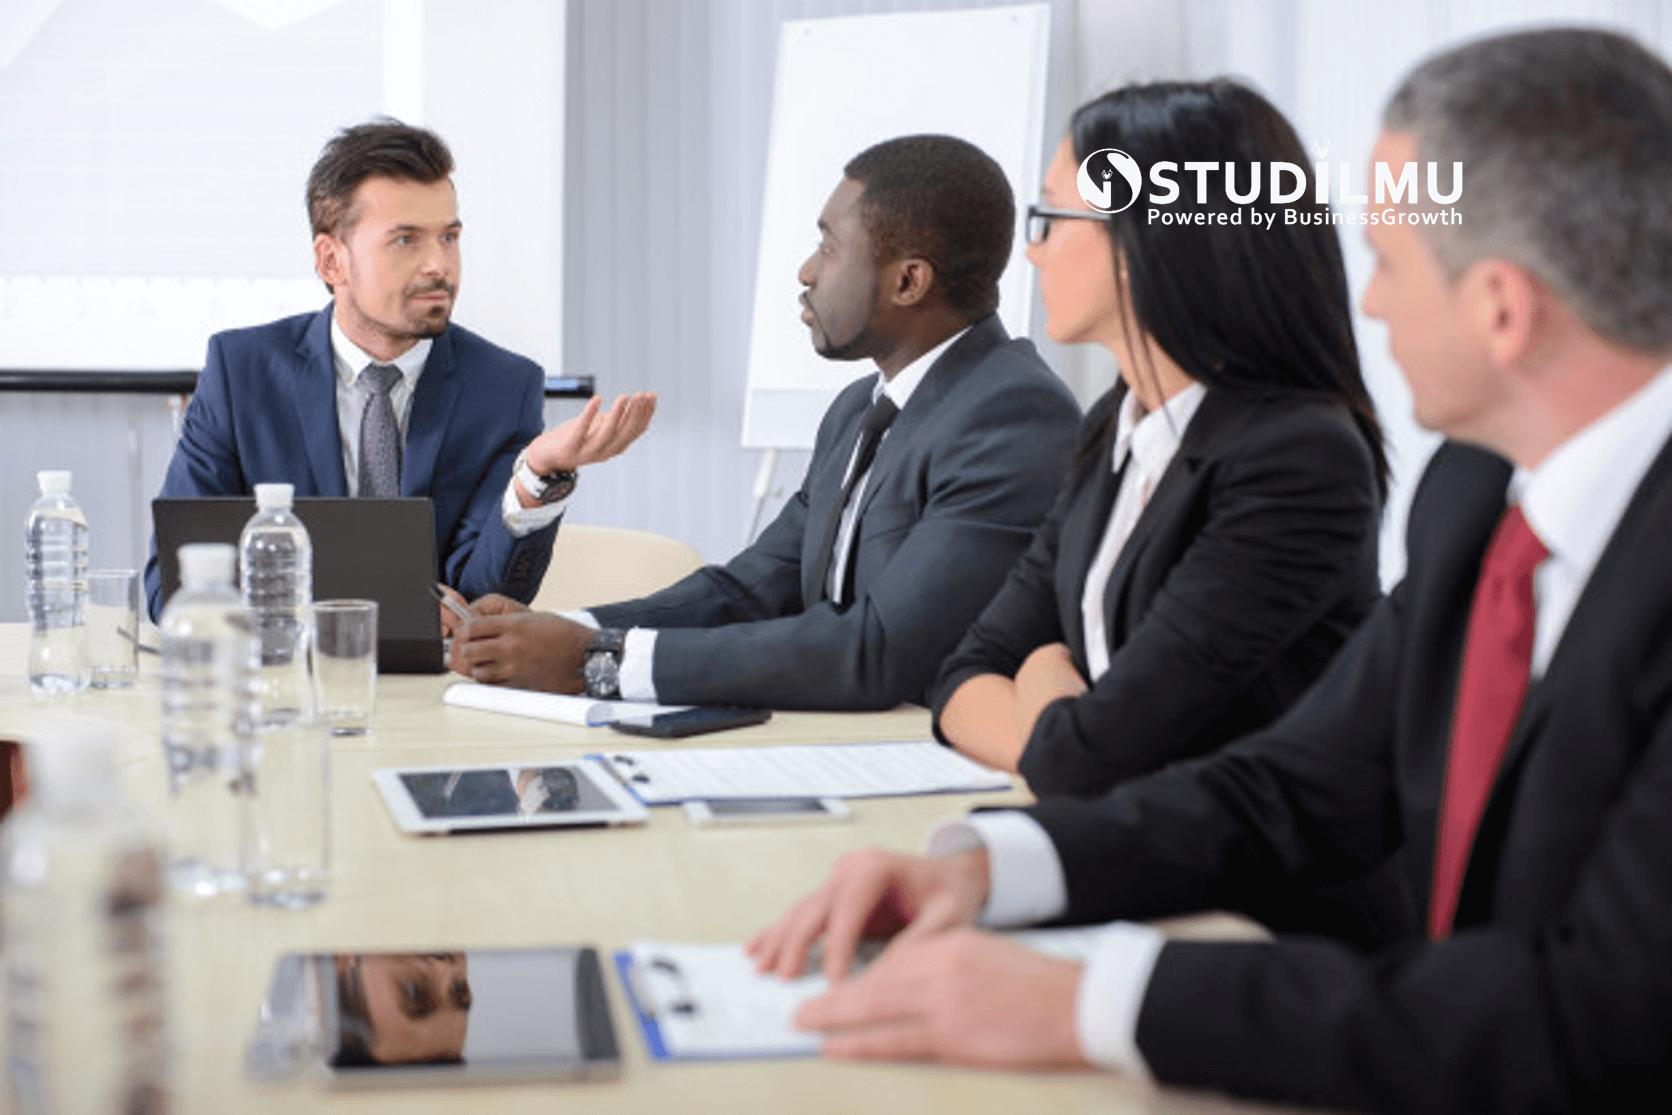 STUDILMU Career Advice - 6 Langkah Meningkatkan Kemampuan Komunikasi Bisnis